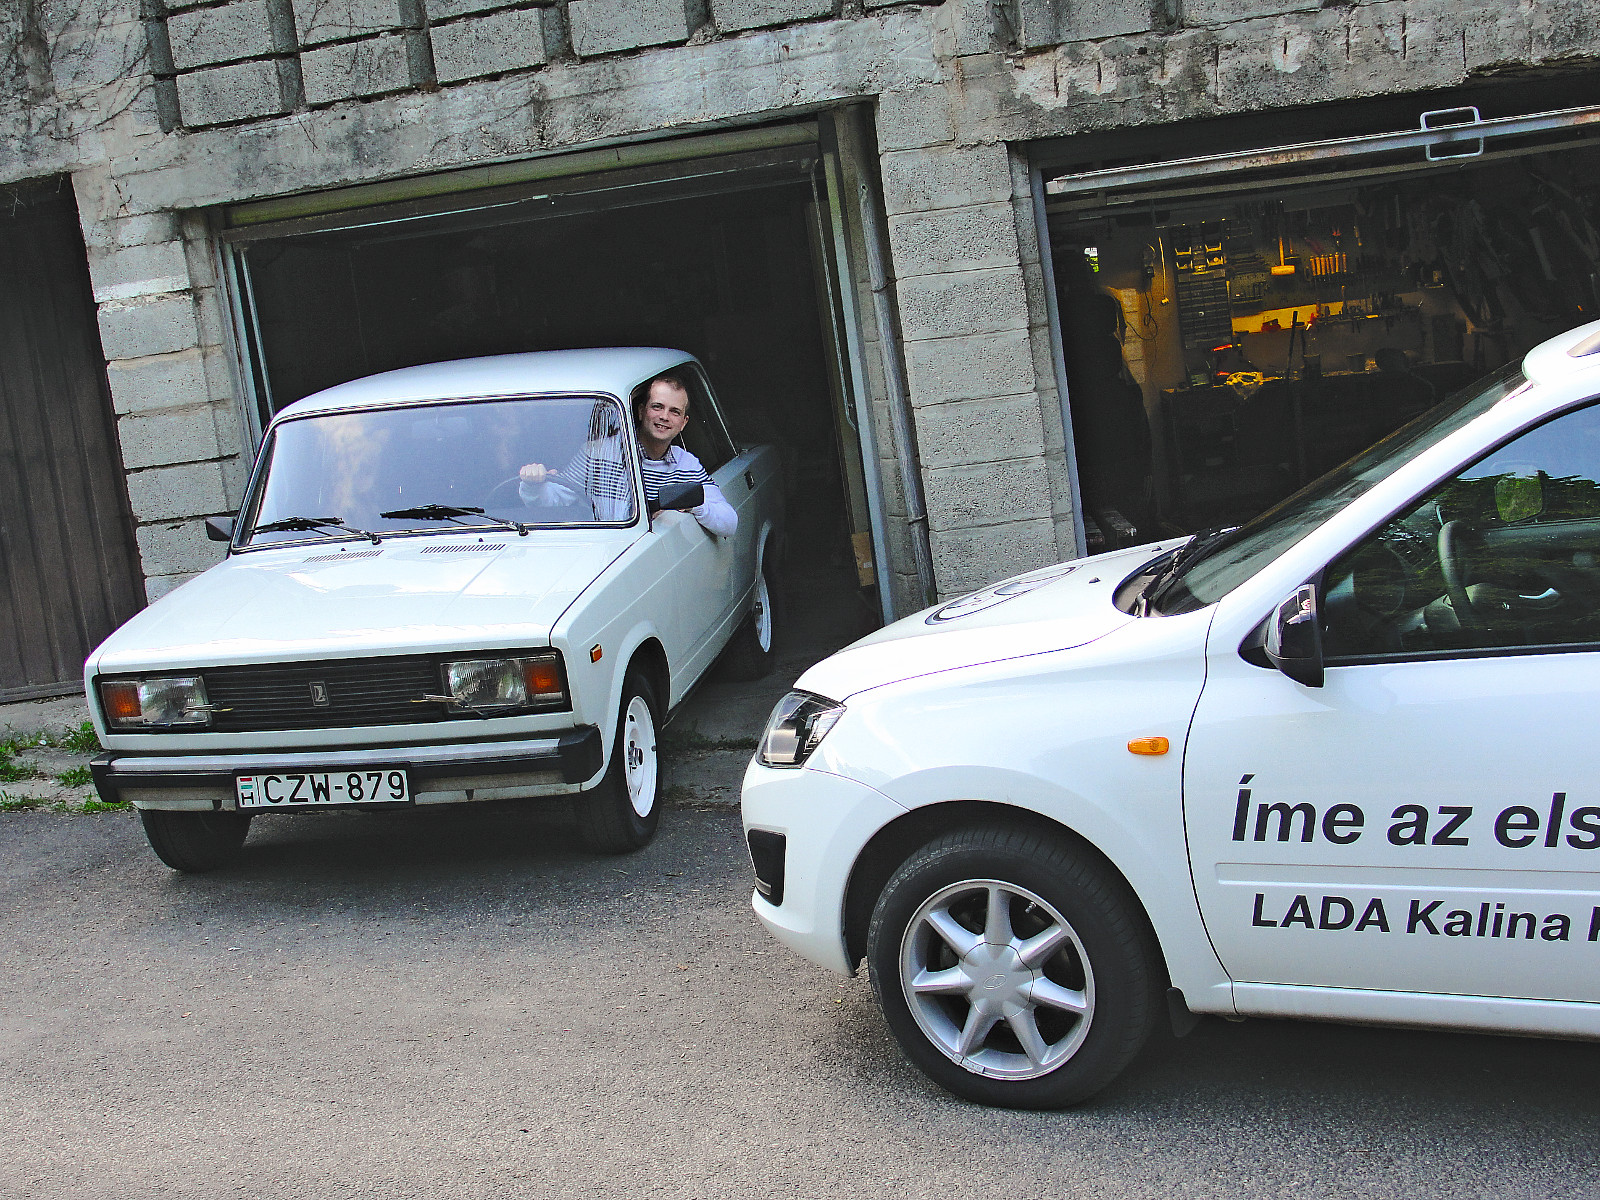 lada6